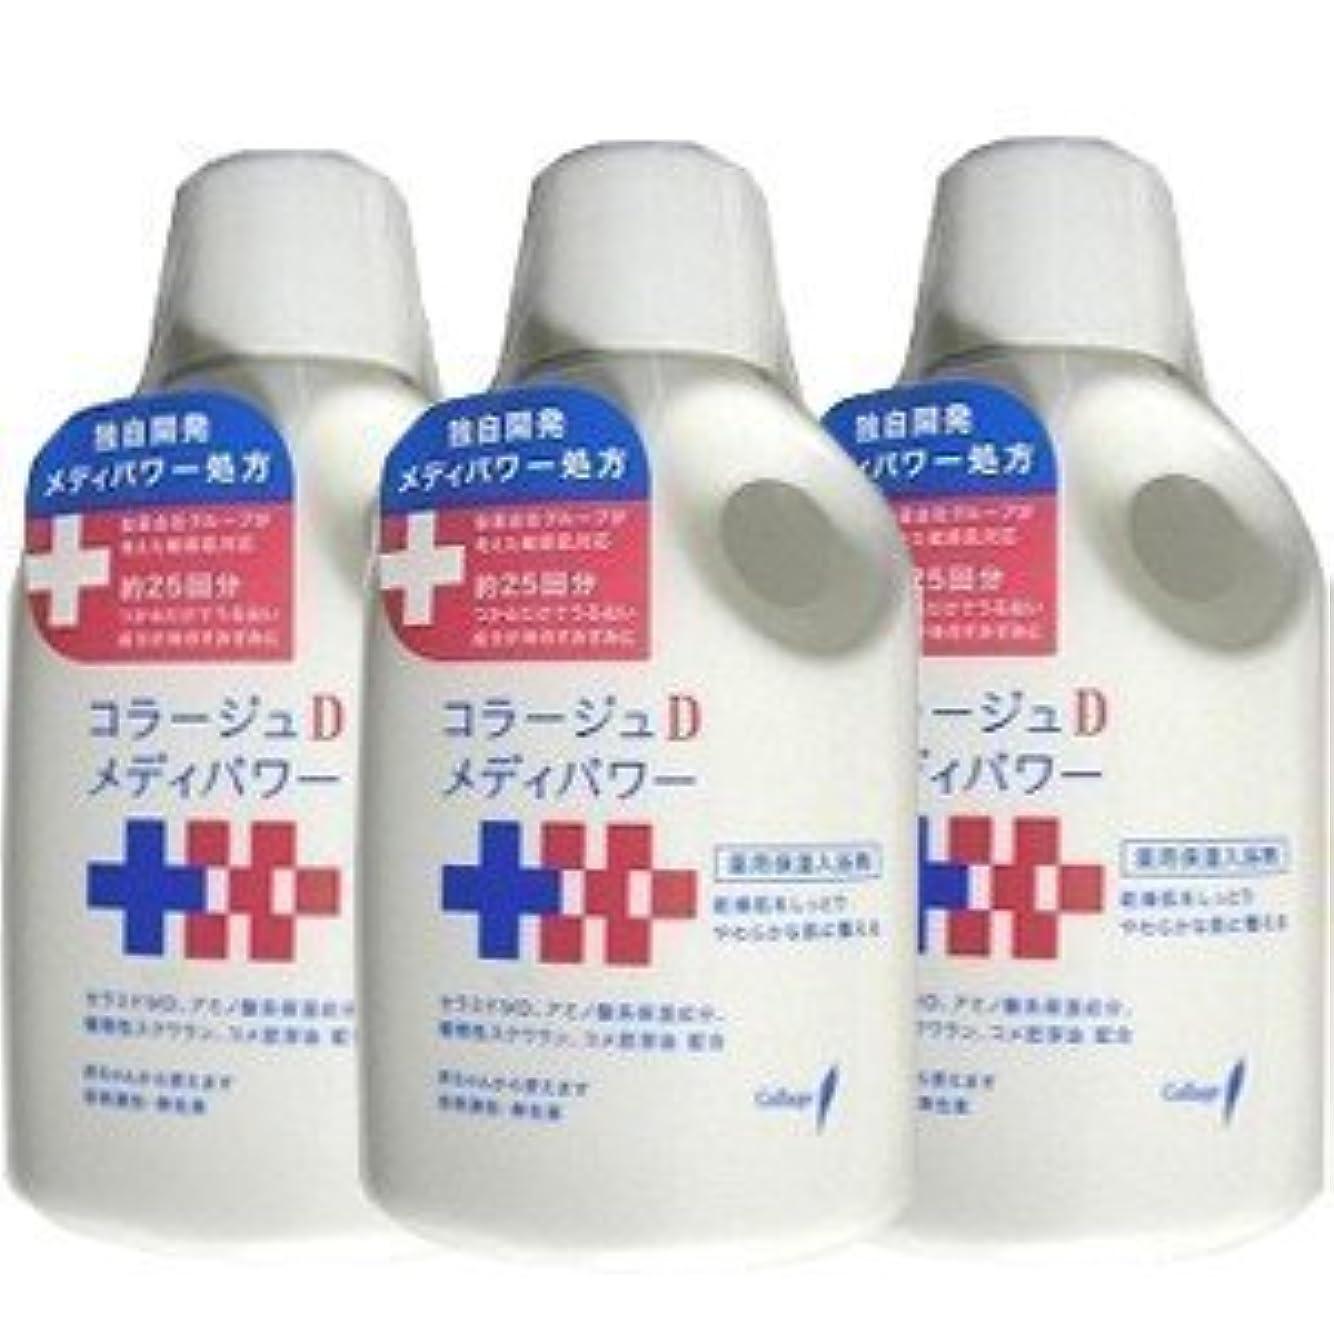 地元蒸発一致【3本】コラージュD メディパワー保湿入浴剤 500mlx3本